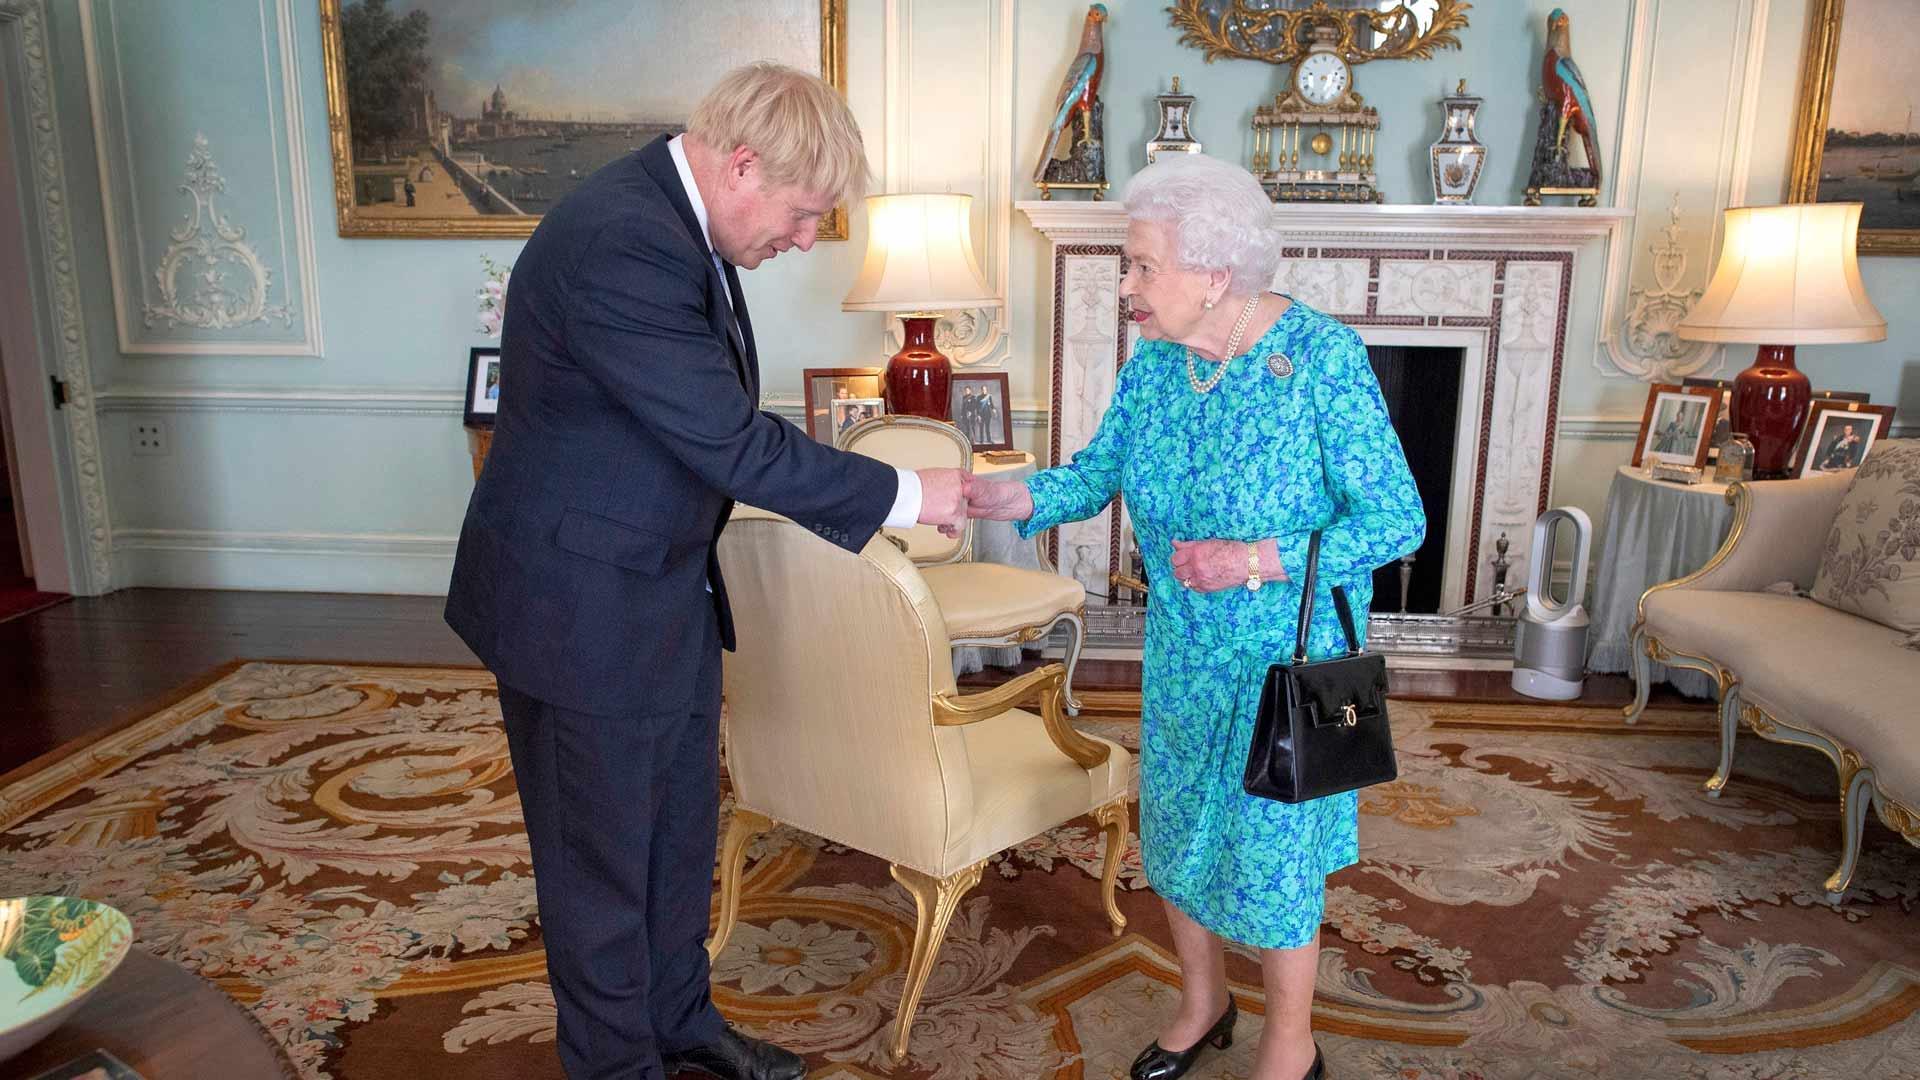 Elisabetin yhteistyö pääministeri Boris Johnsonin kanssa käynnistyi komeasti, mutta eteni sitten hiukan sotkuisemmissa merkeissä.